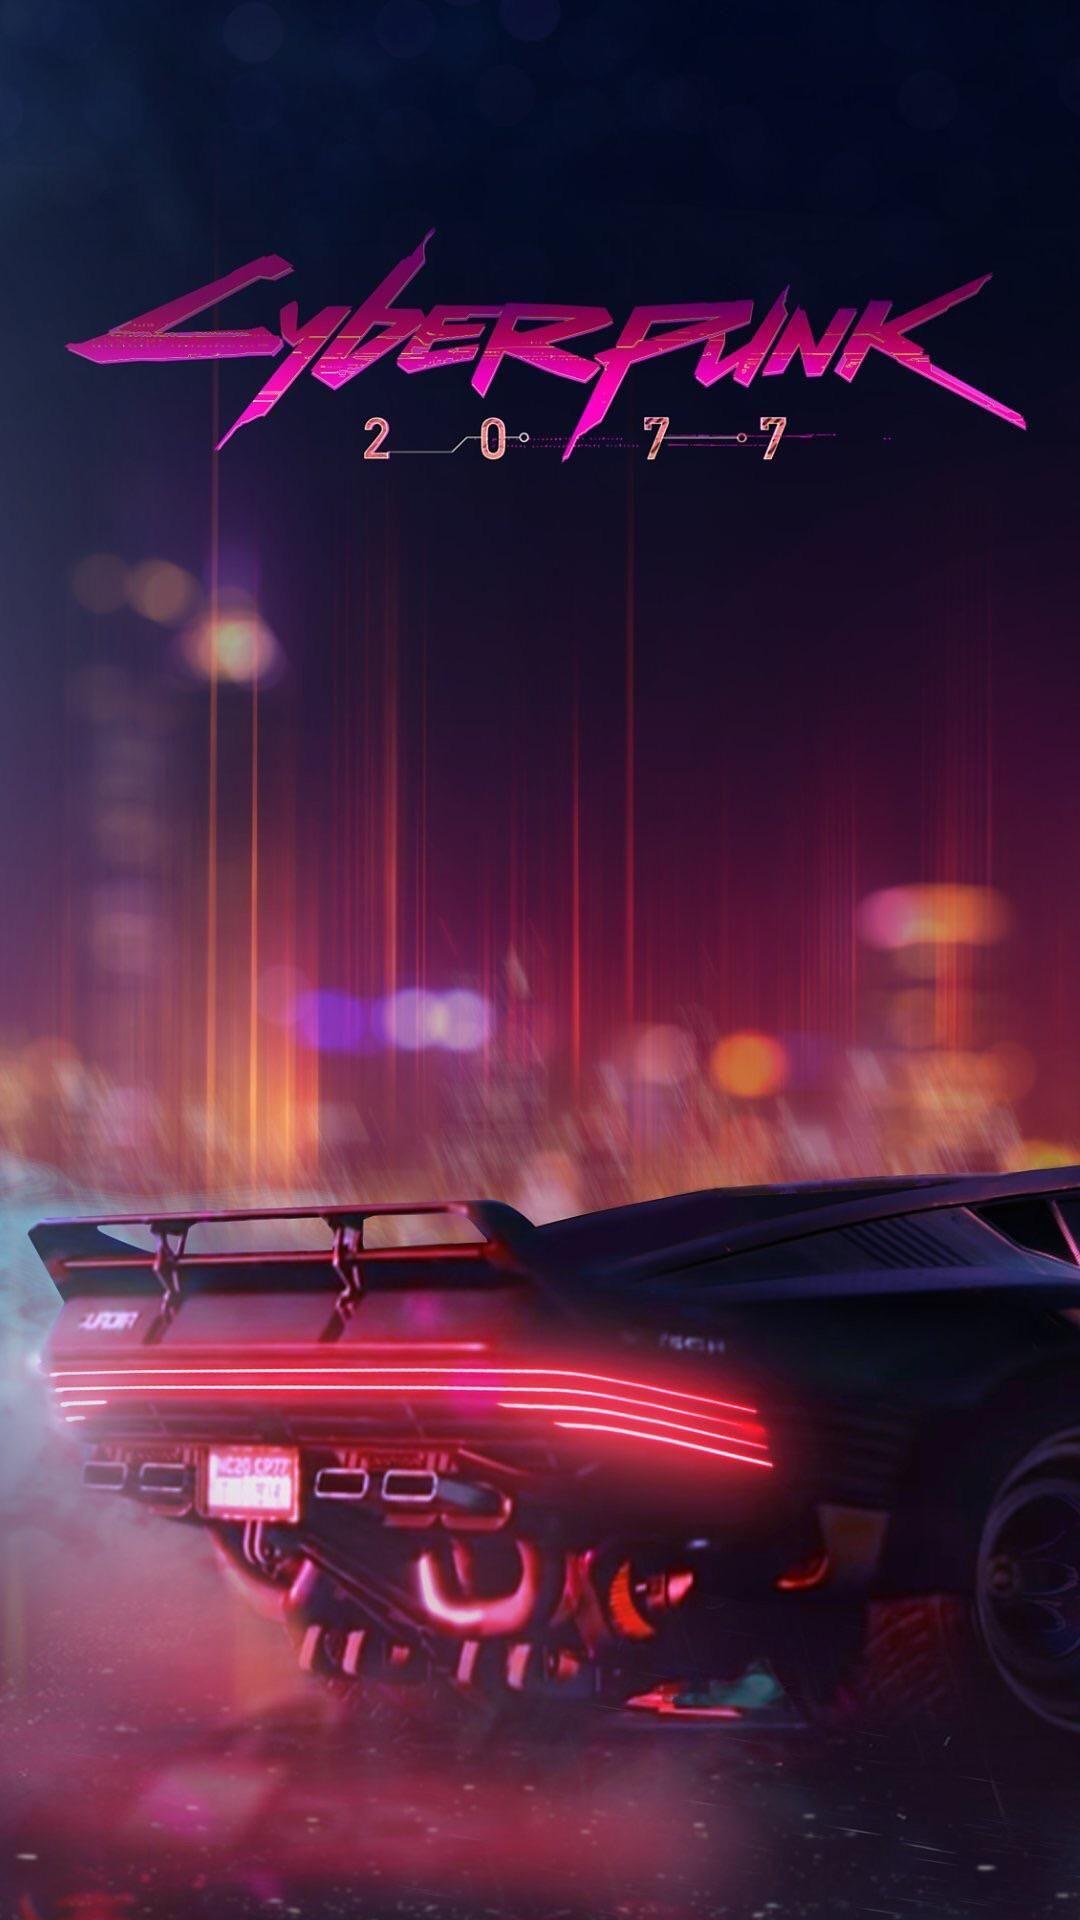 Cyberpunk 2077 Wallpaper Phone - 1080x1920 Wallpaper ...